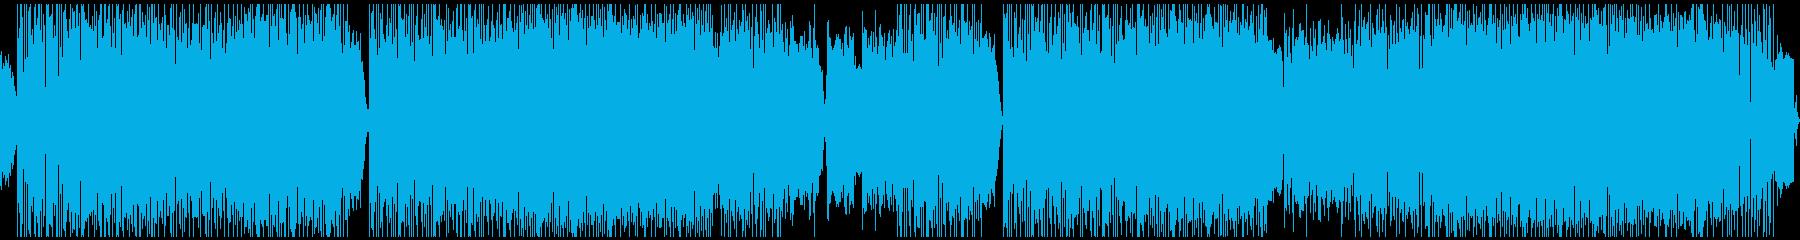 サックス、グルーヴ、ベース、エレク...の再生済みの波形